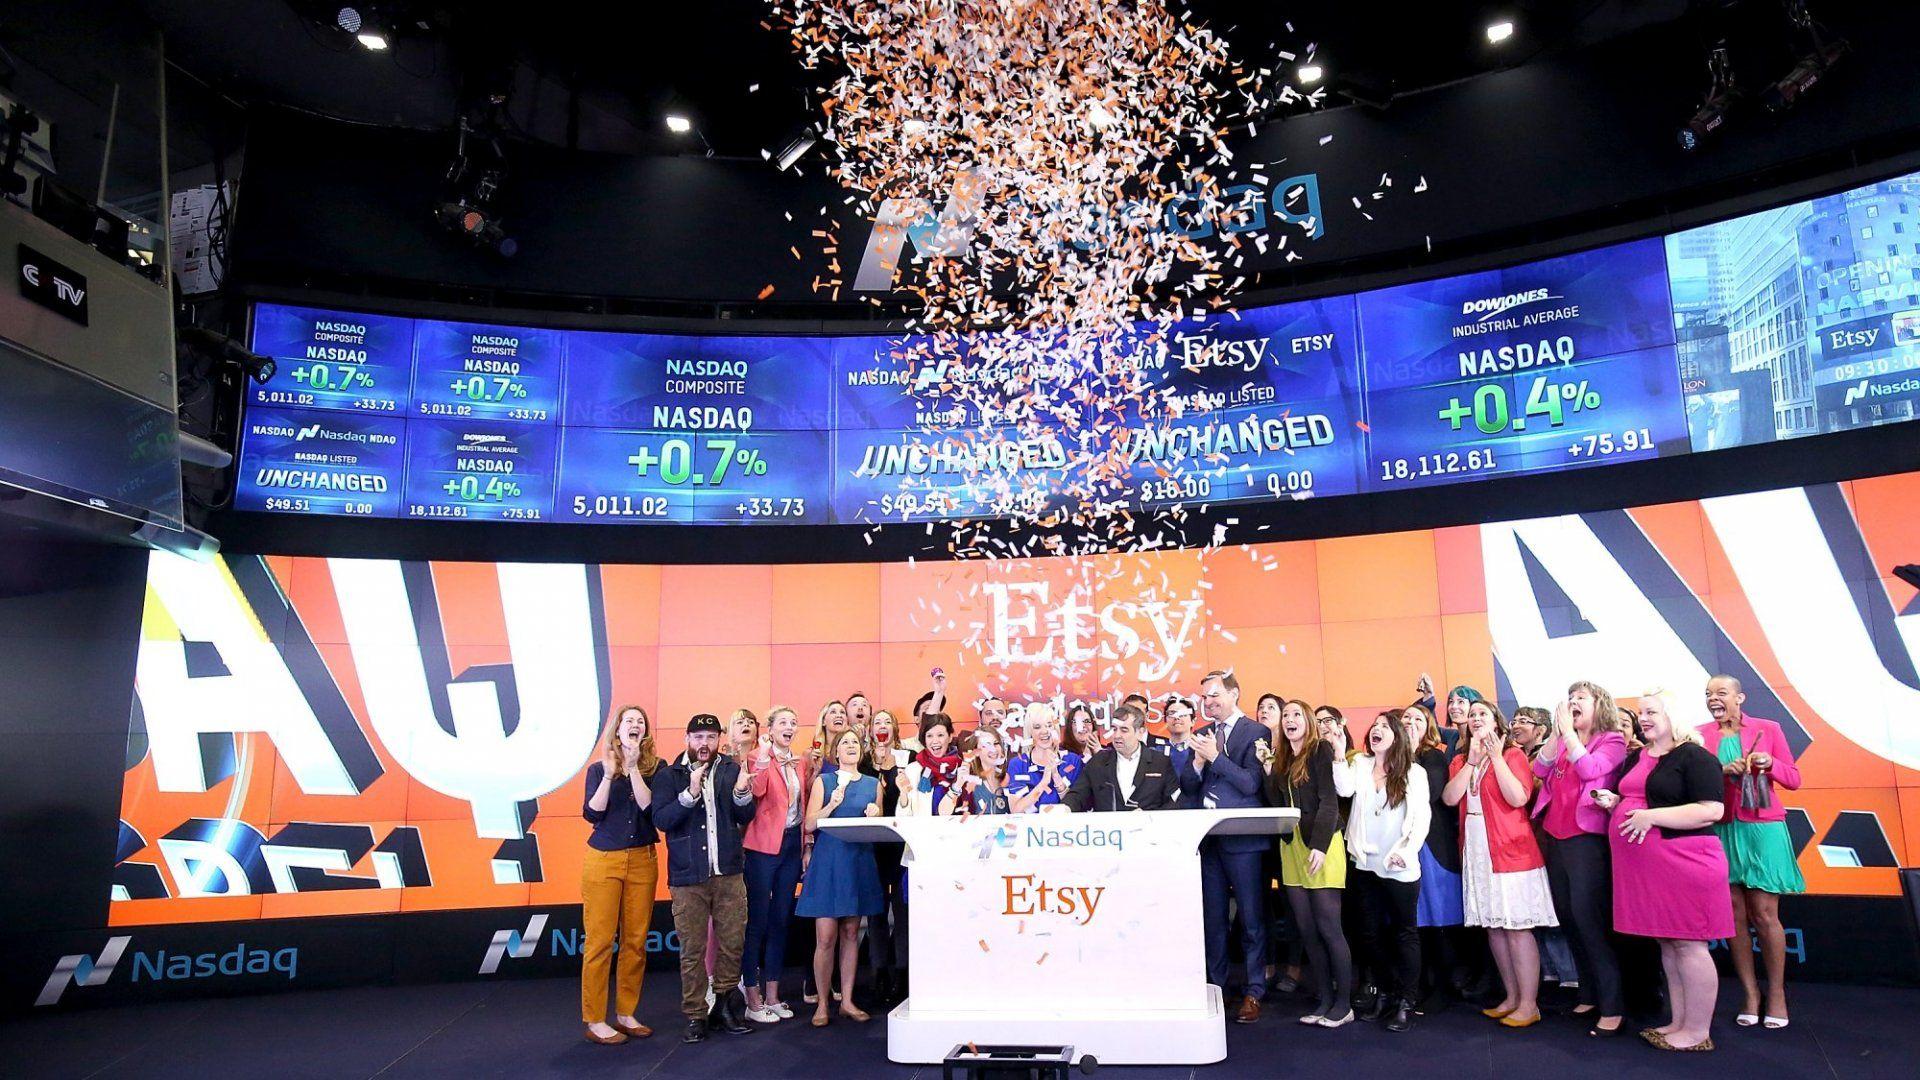 Las acciones de Etsy aumentan su valor | HIGHXTAR.